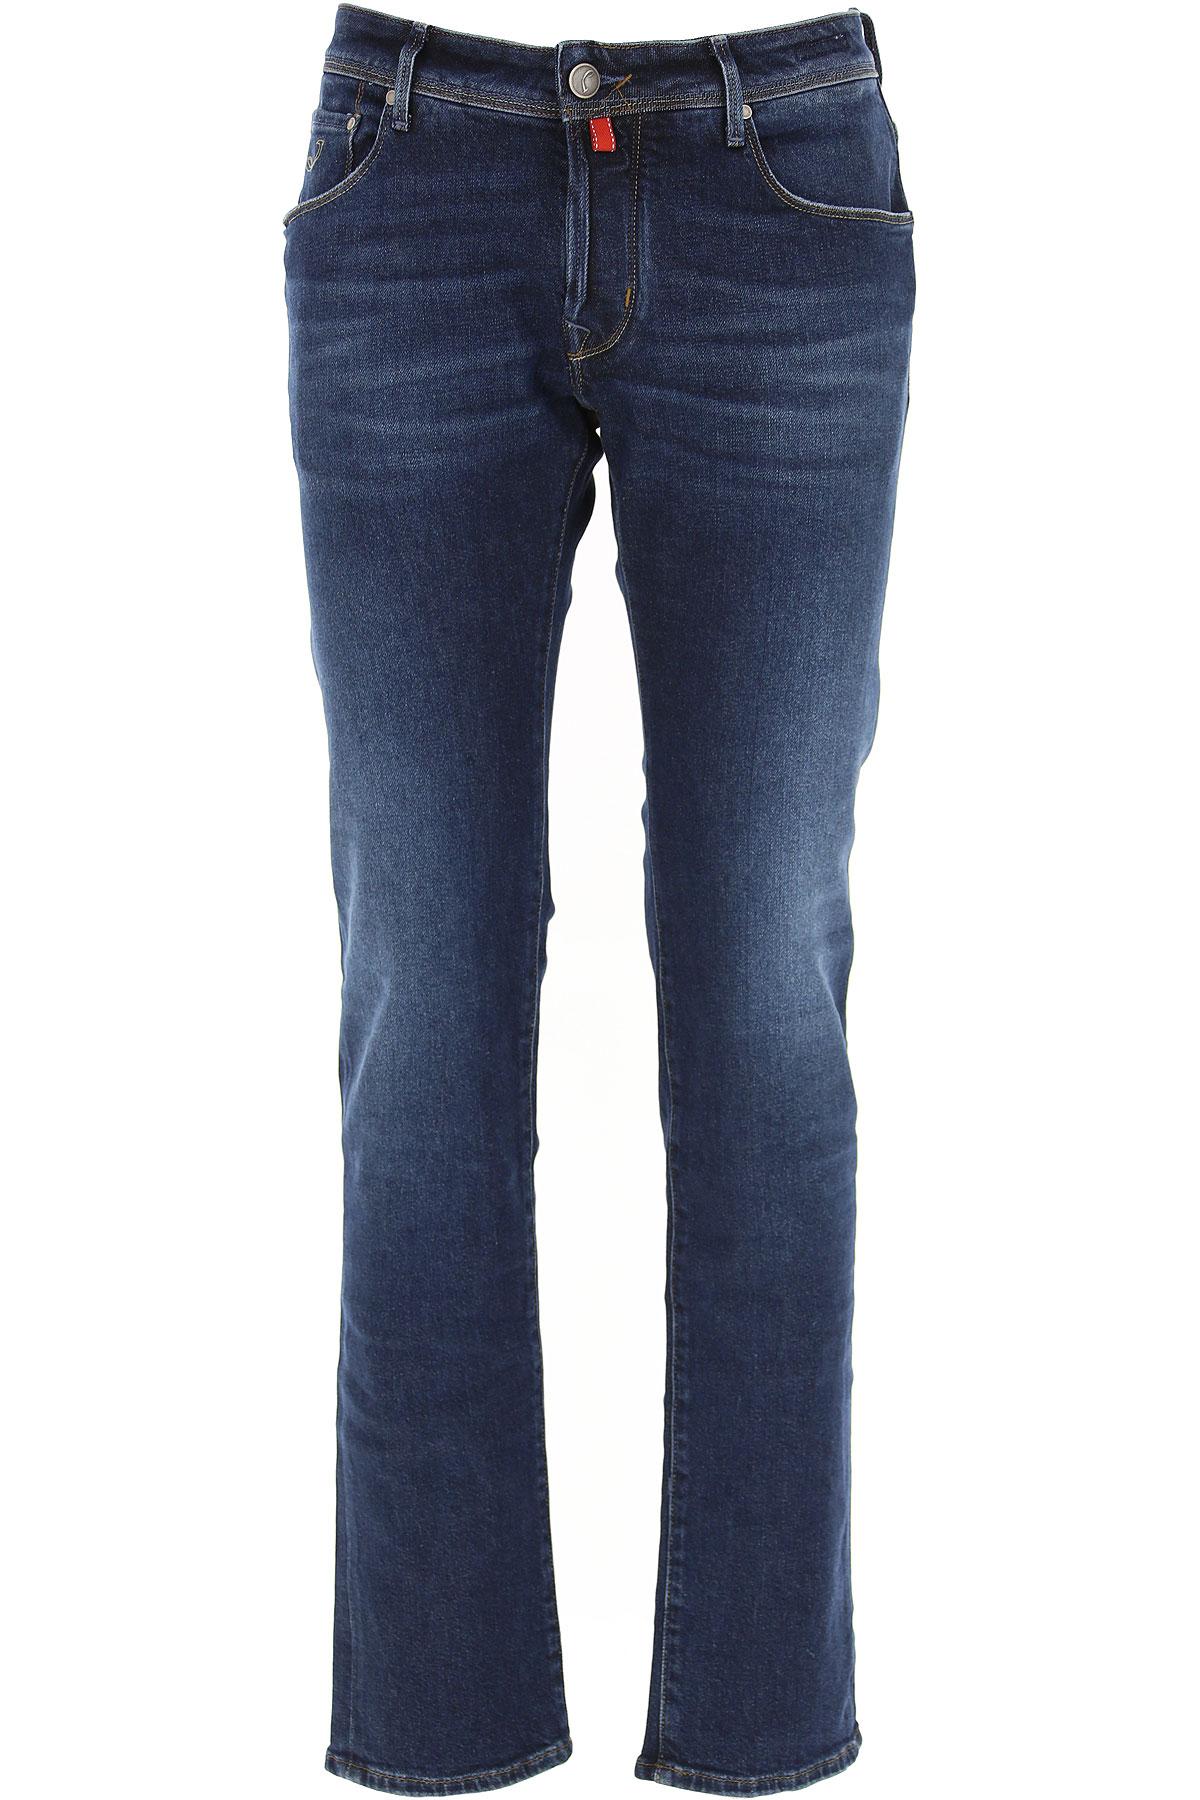 Jacob Cohen Jeans On Sale, Blue Denim, Cotton, 2019, 31 32 33 34 36 38